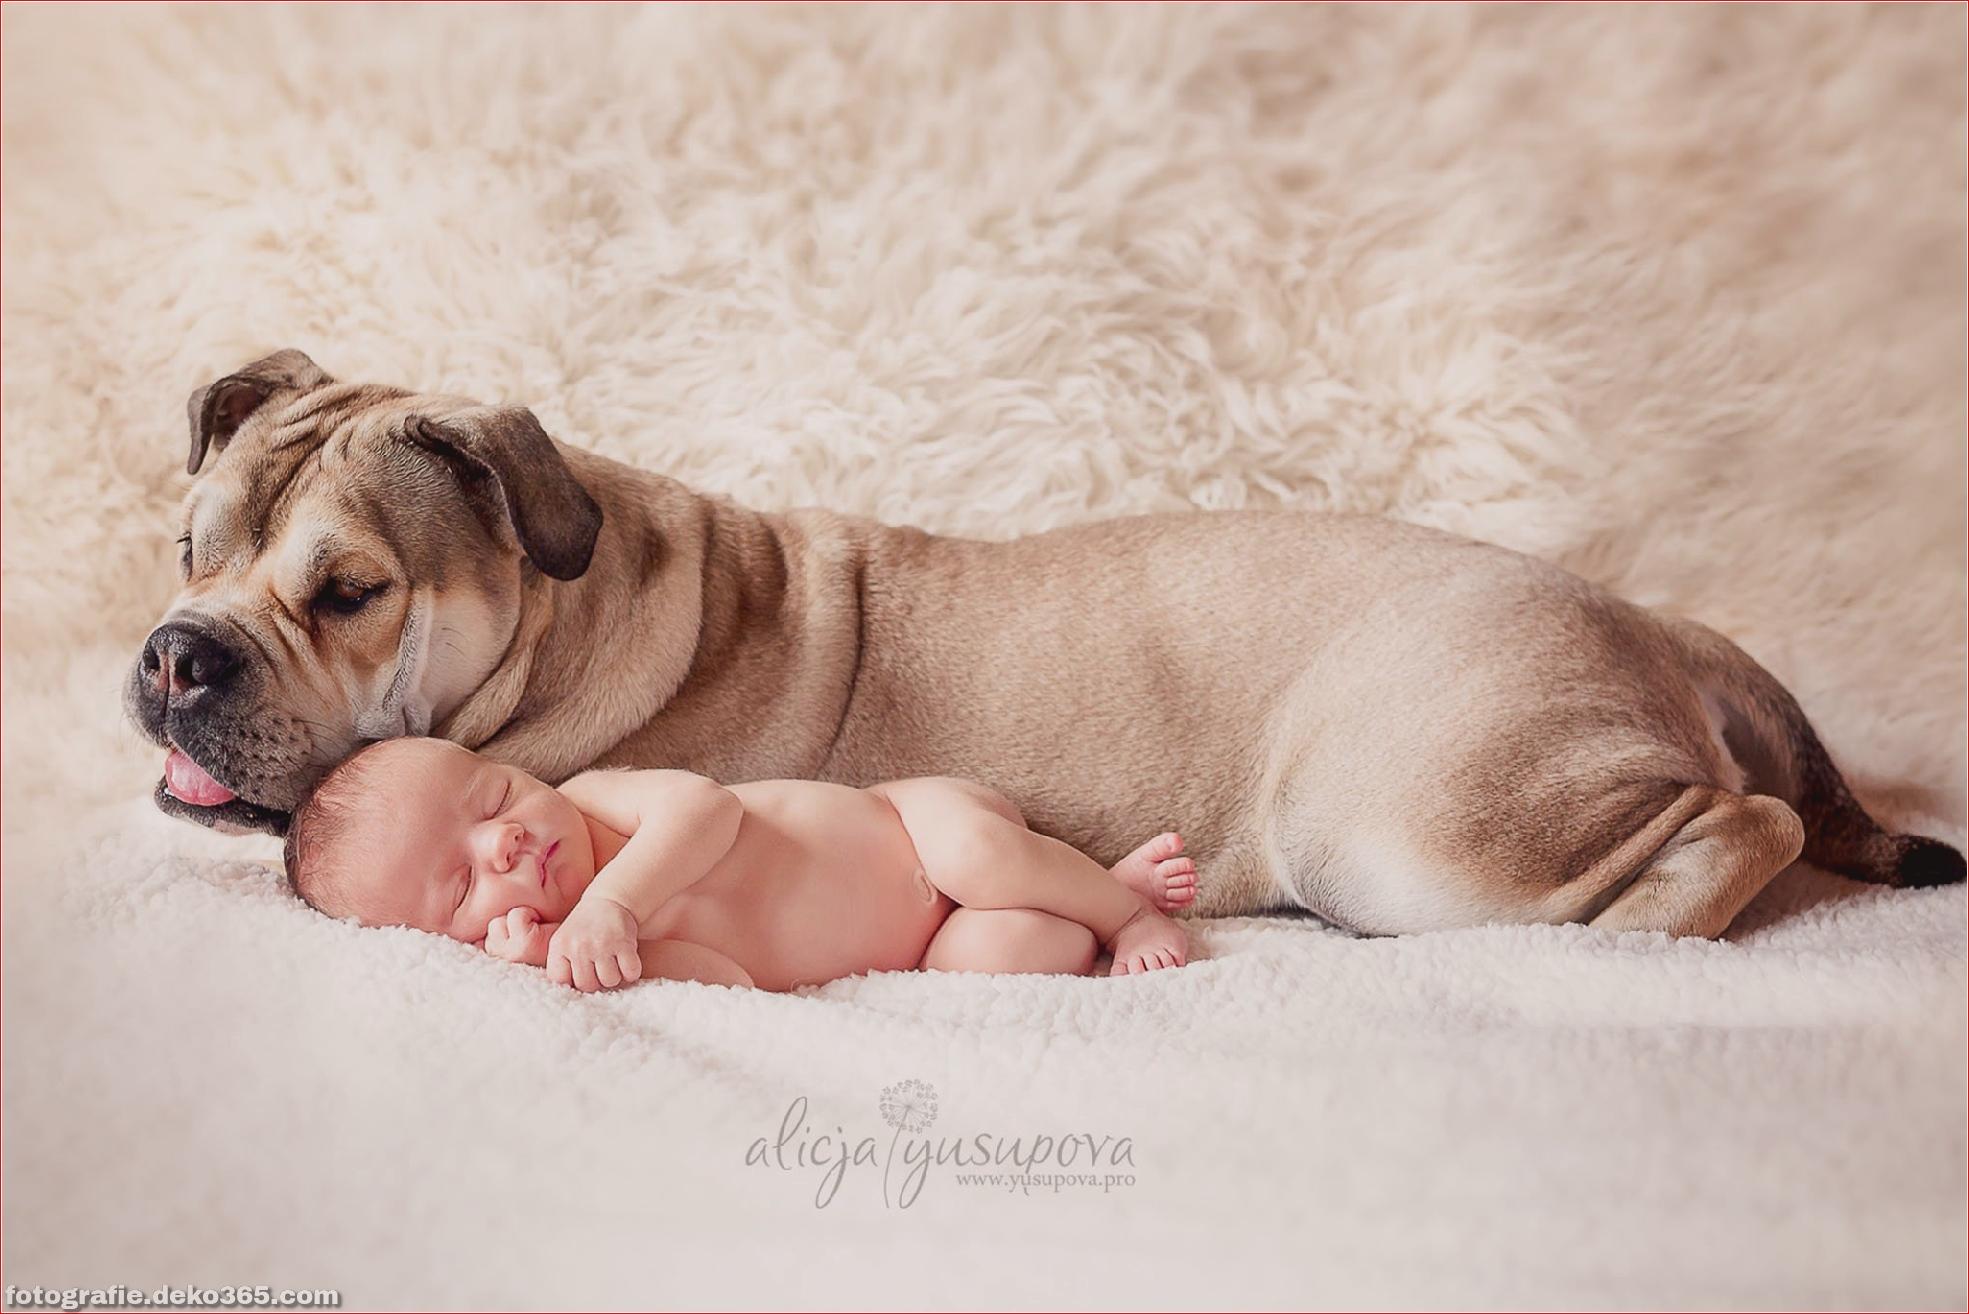 Schöne Kinder- und Tierfotografie_5c8fffa718974.jpg